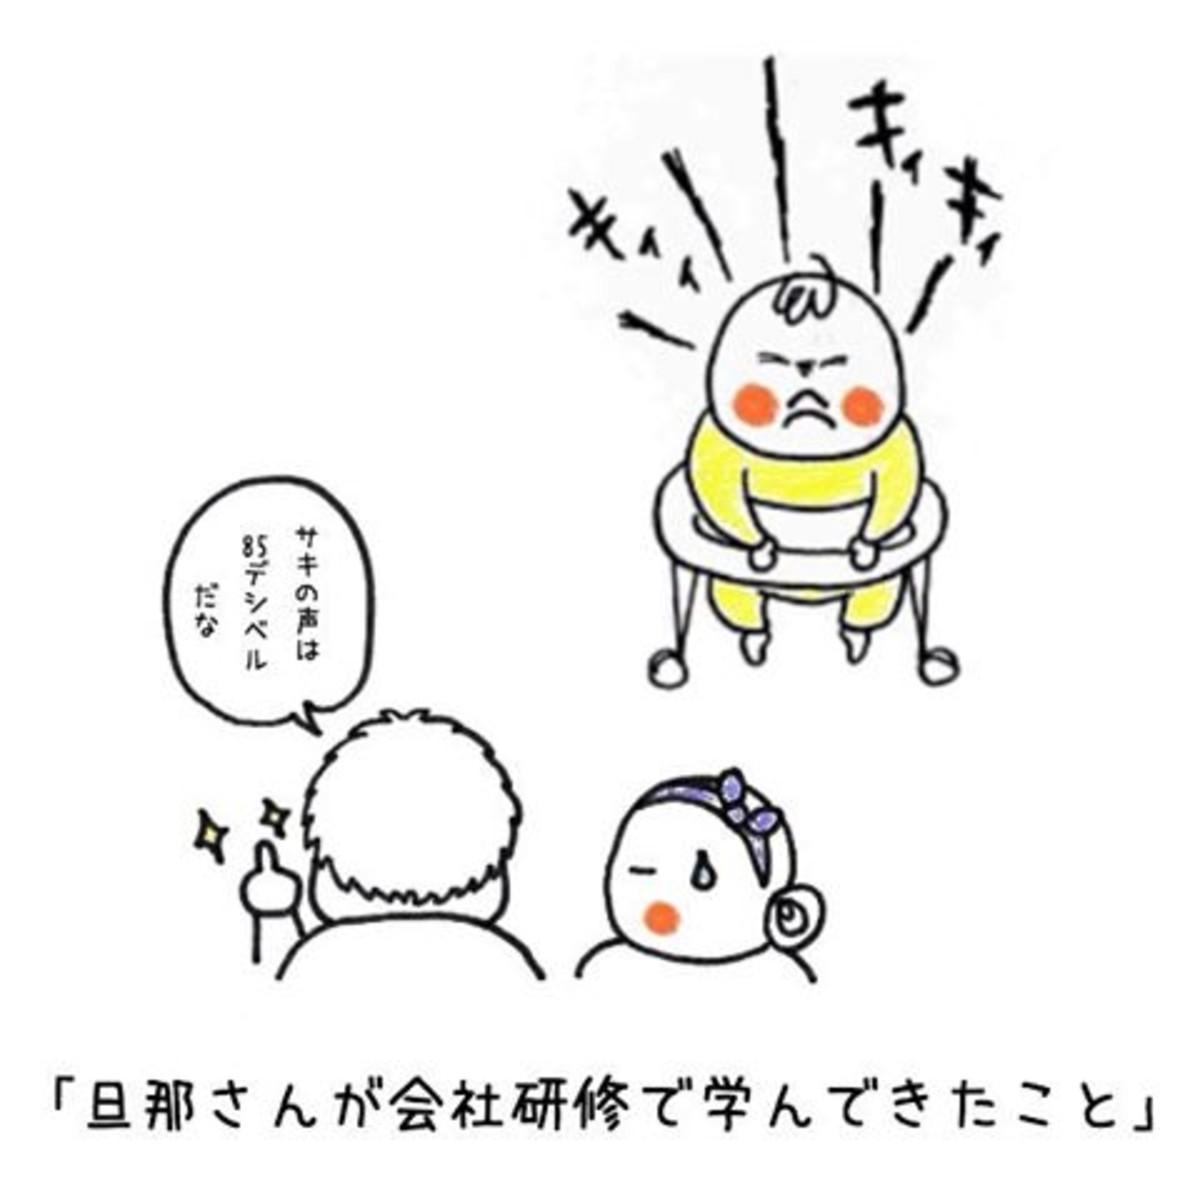 ぷり子(@puriko5557)さん イラスト